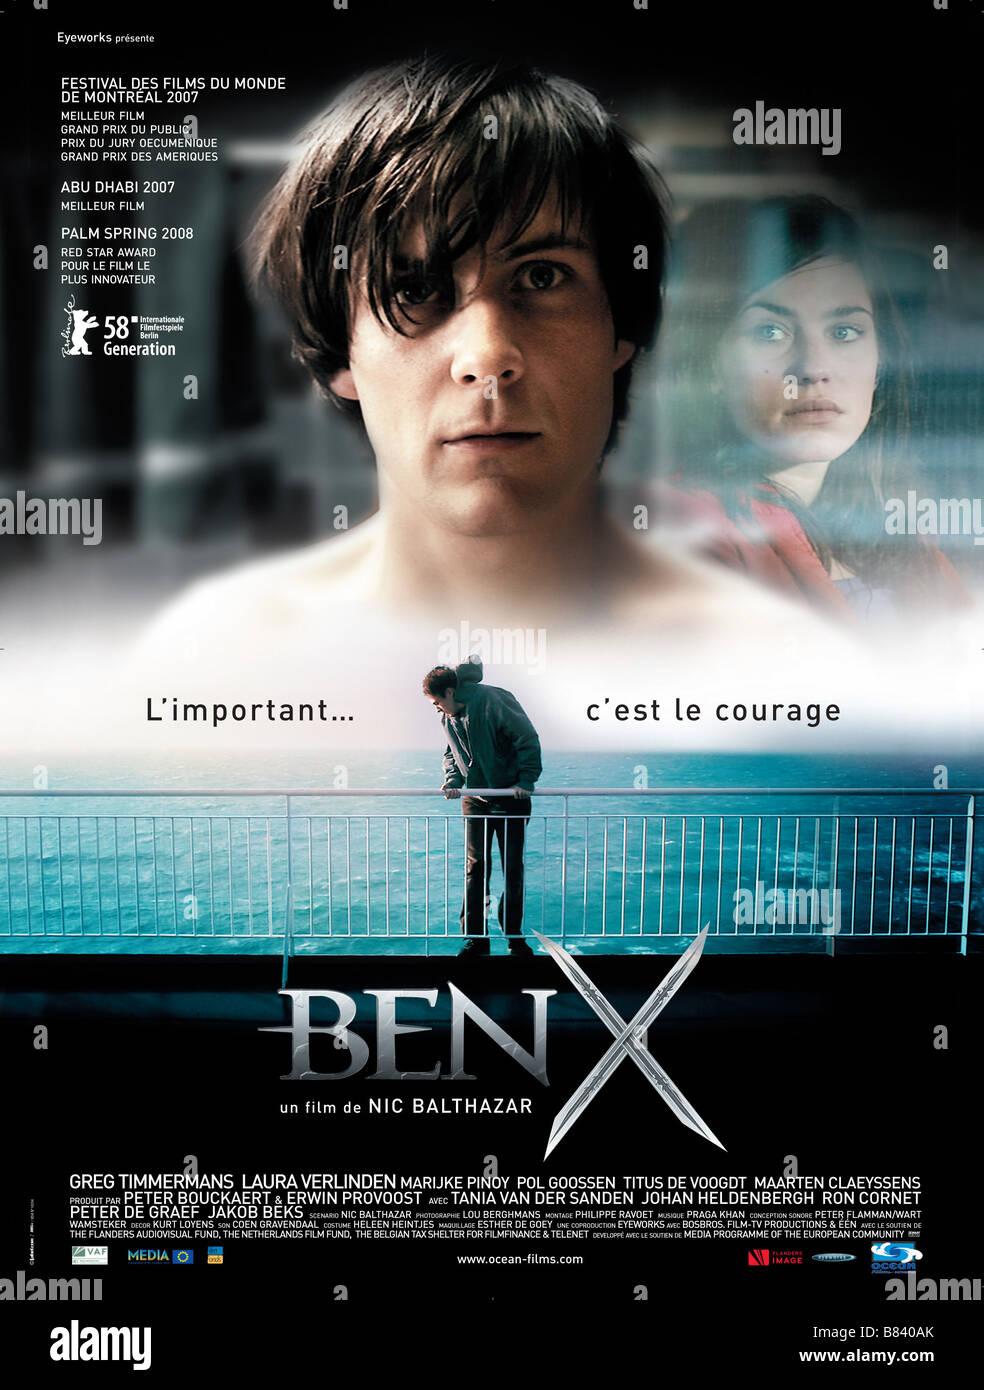 Ben X Year 2007 Belgium Netherlands Greg Timmermans Director Nic Balthazar Movie Poster Fr